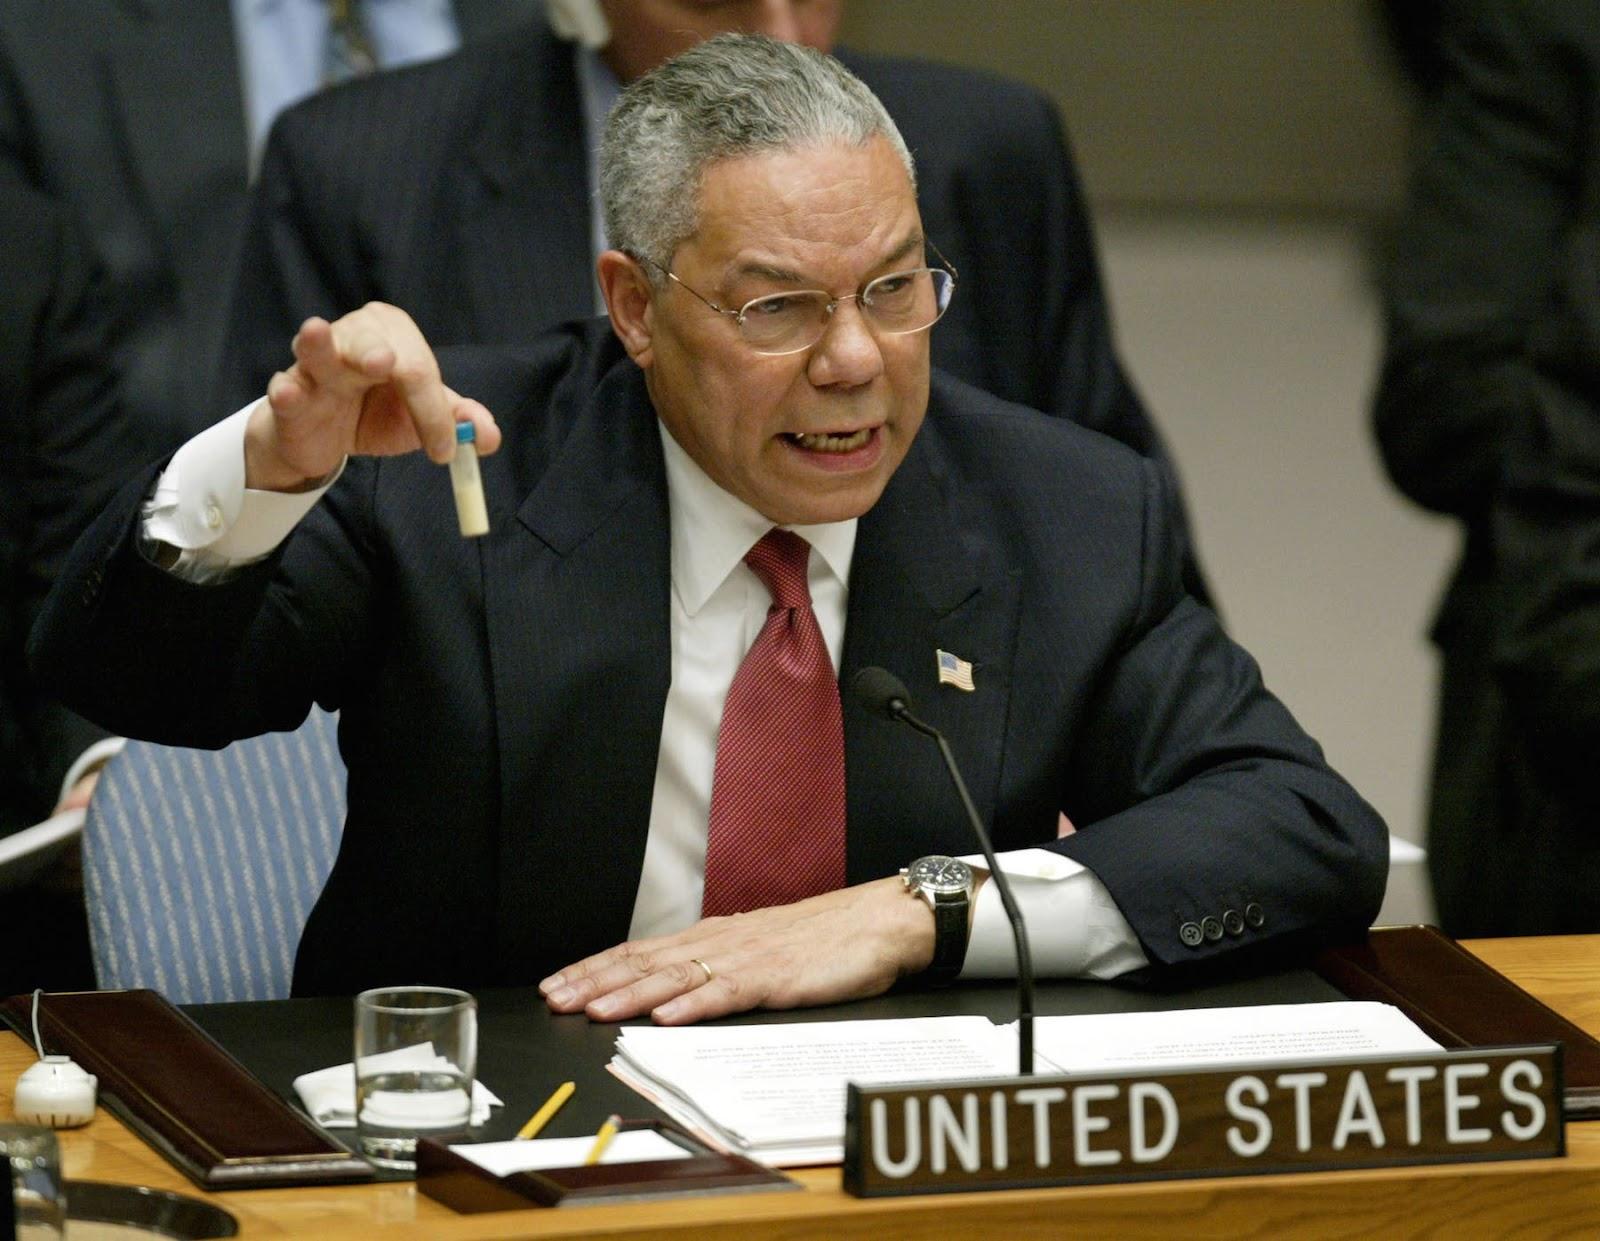 L'ex-agent secret qui en savait beaucoup trop #4 Contre la corruption dans l'Irak sous tutelle des États-Unis